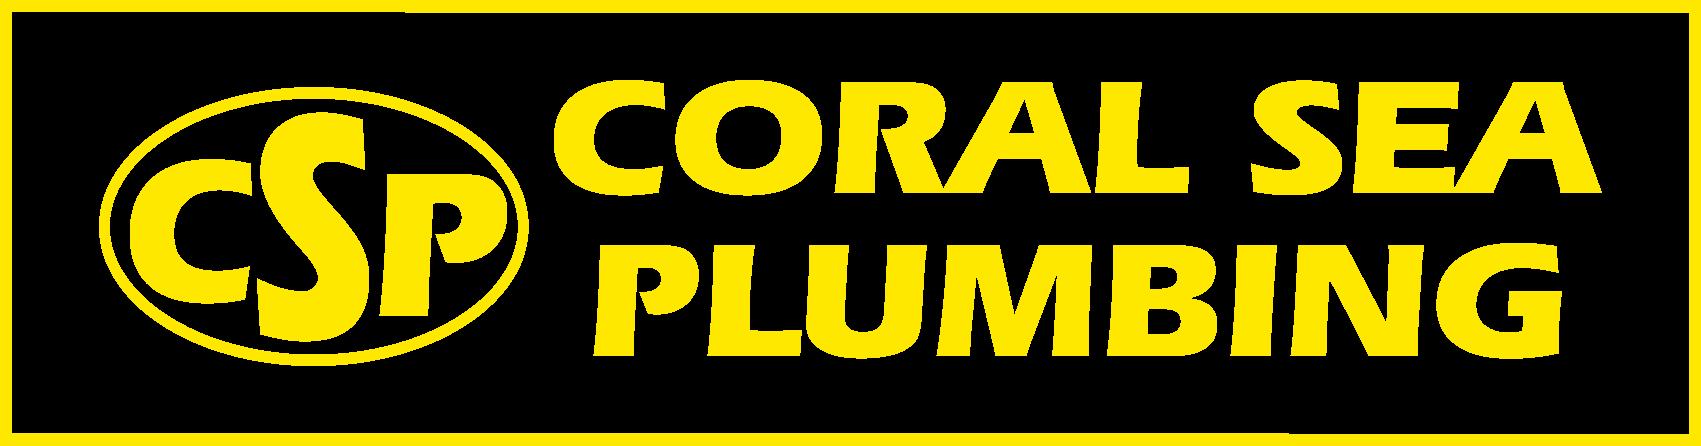 Coral Sea Plumbing